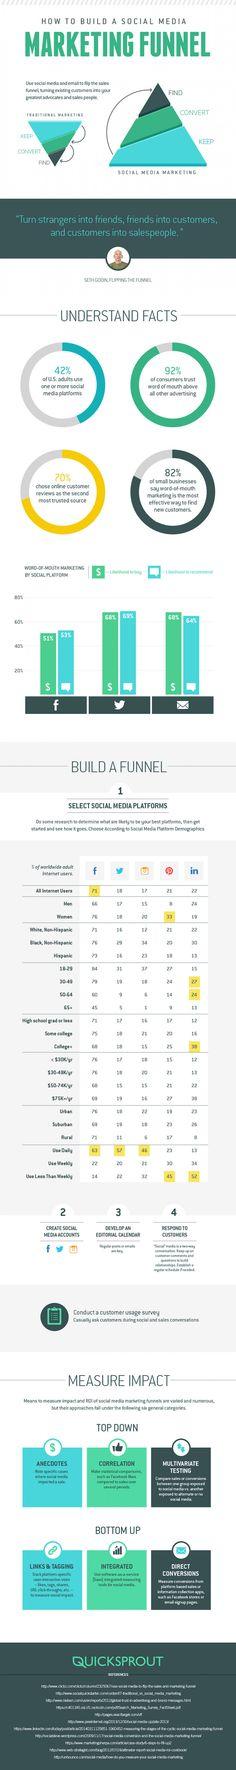 A Social Media Marketing Funnel